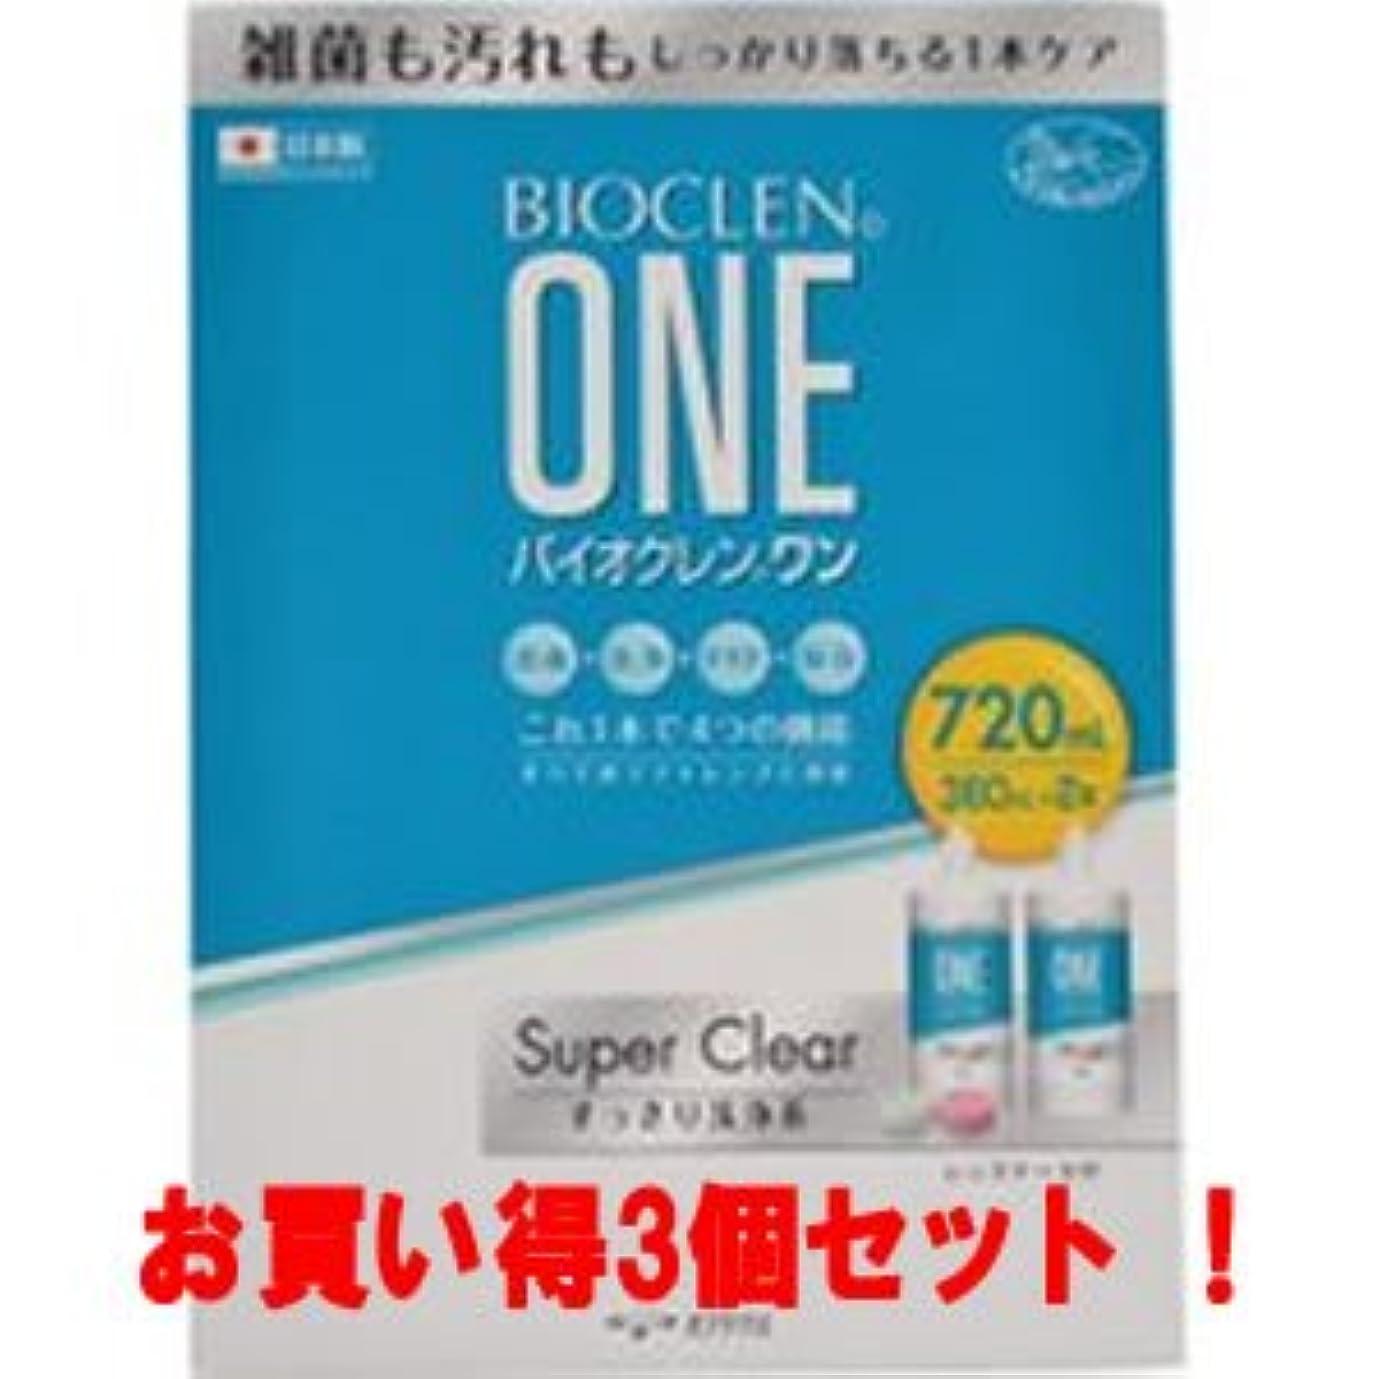 辛い舌な泣いている(お買い得3個セット)オフテクス バイオクレン ワン スーパークリア 360ml×2本(医薬部外品)